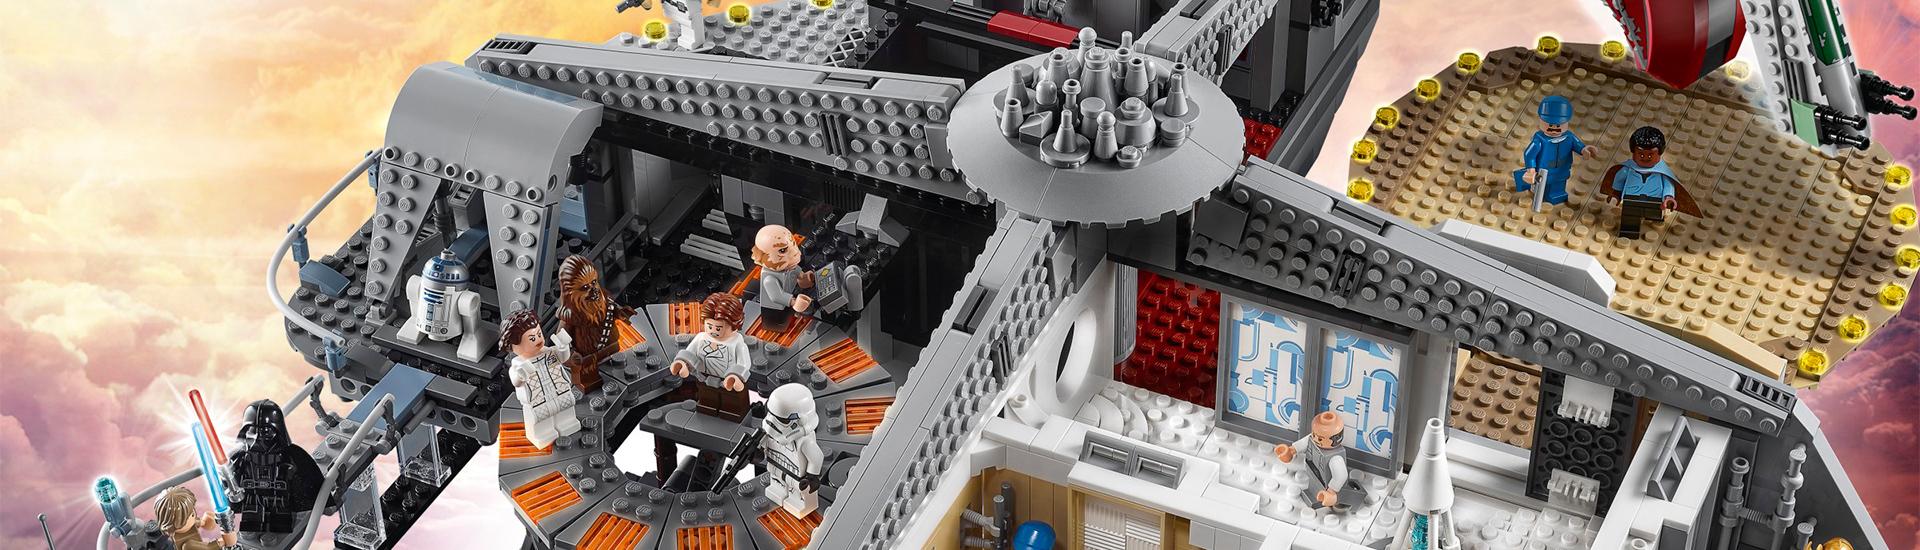 2x Lego Technic Rad schwarz 43.2x22 H Felge alt-hell grau 30.4x20 44308 44292c01